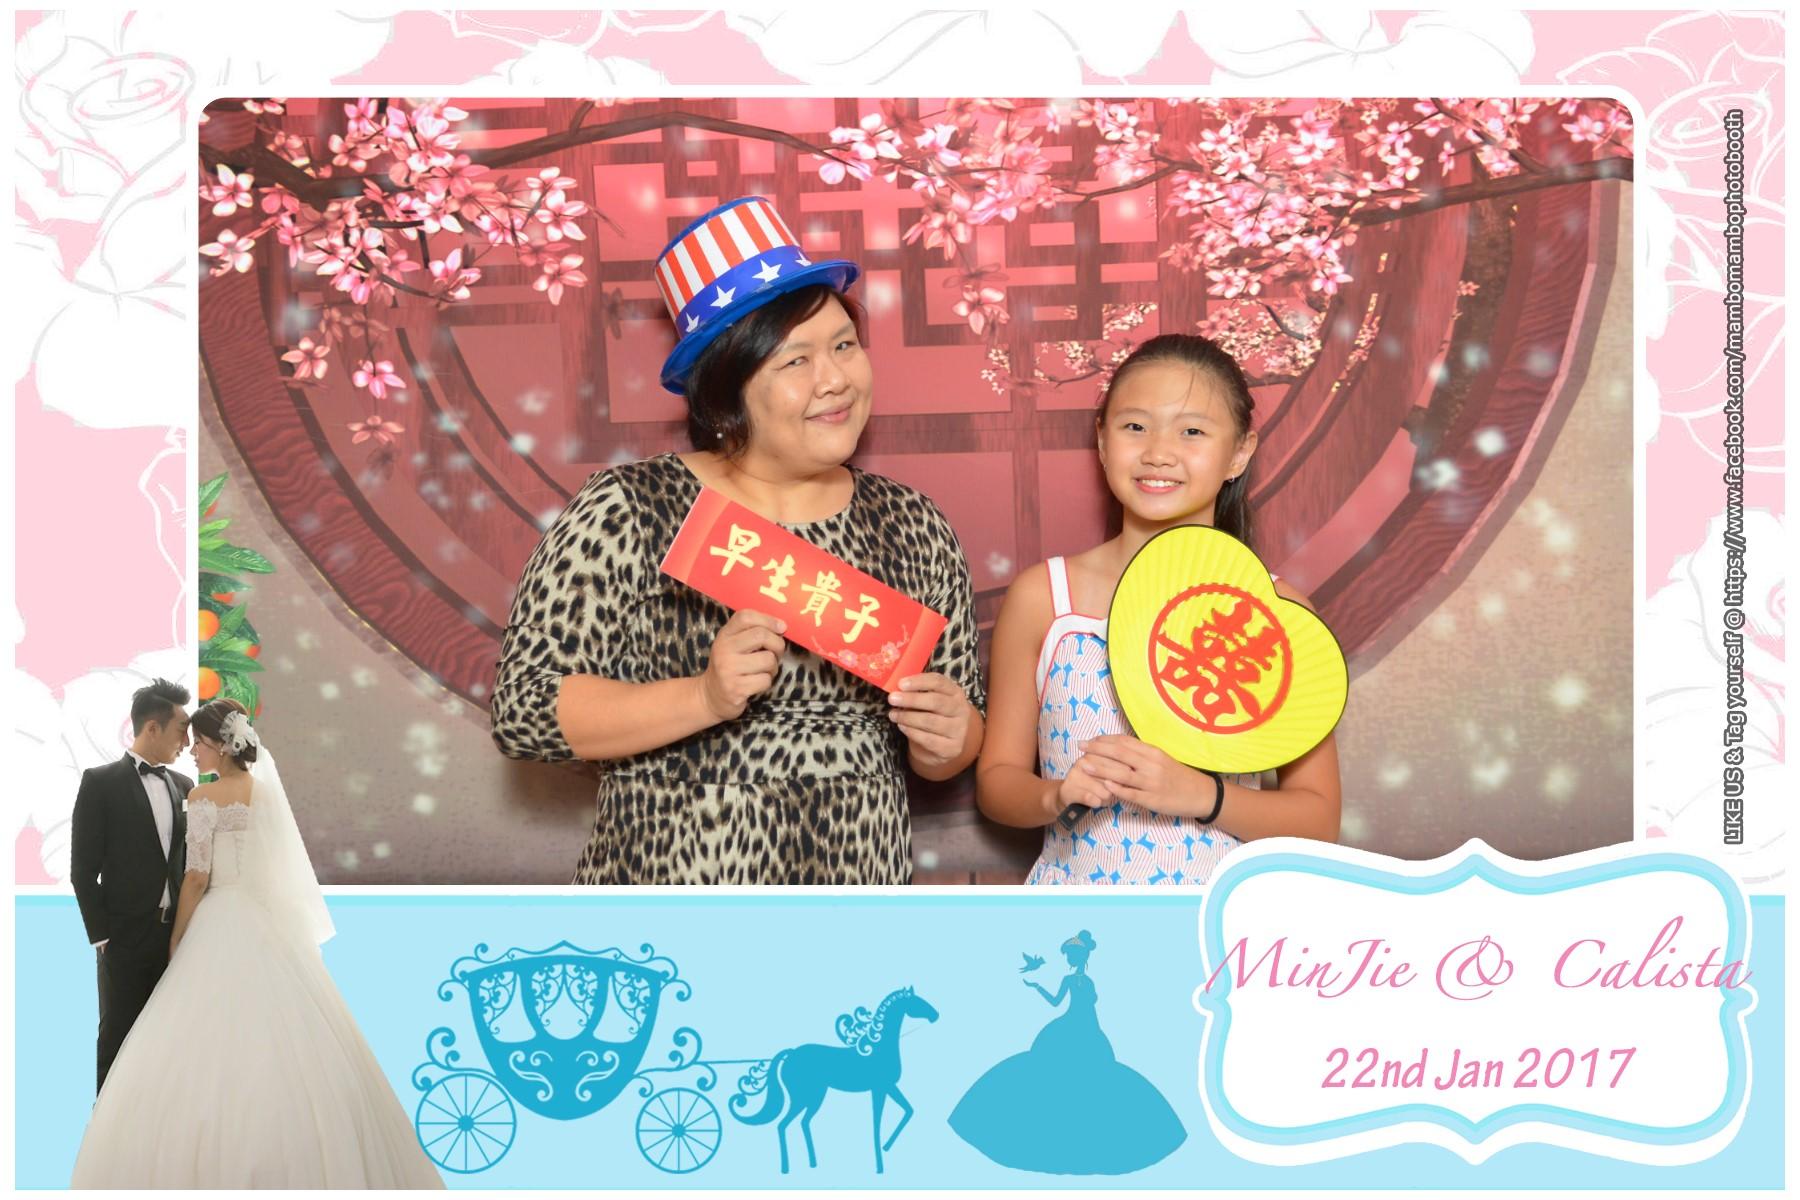 Minjie & Calista